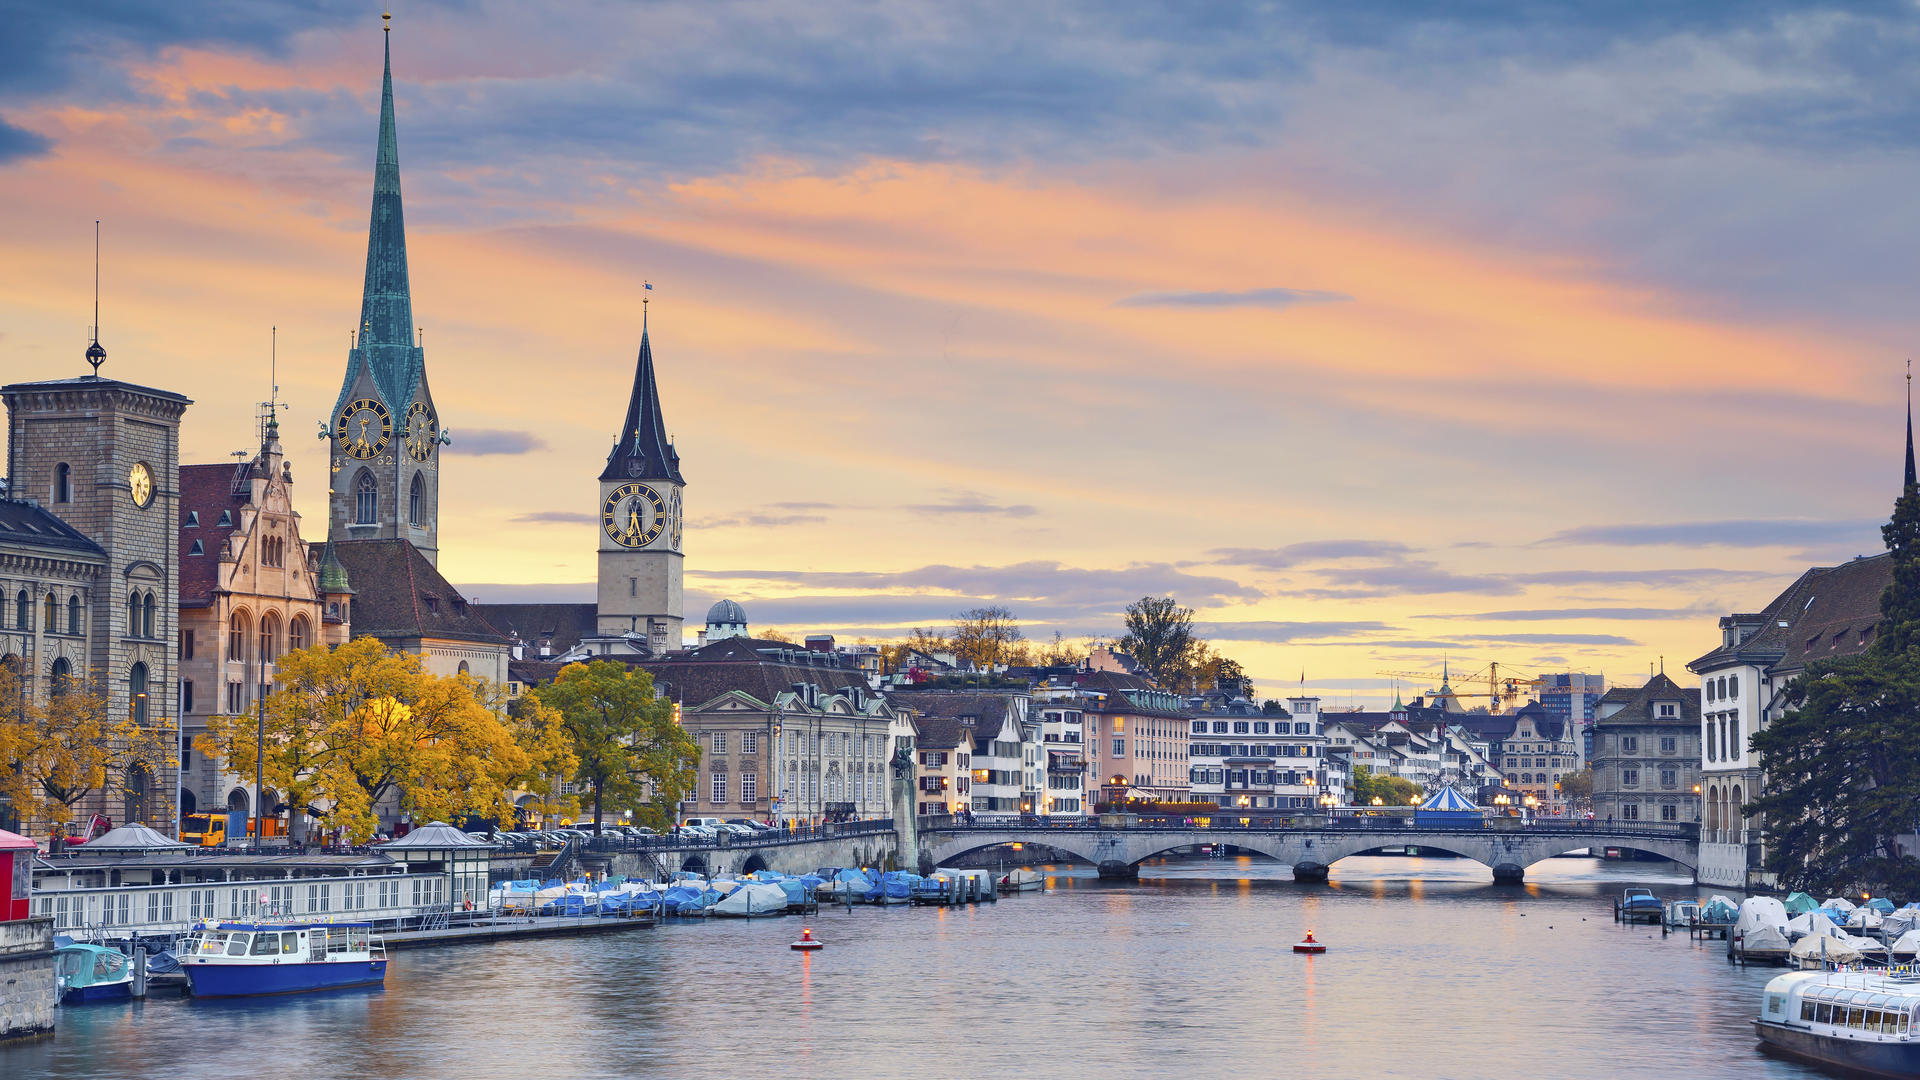 Цюрих Швейцария достопримечательности фото с описанием